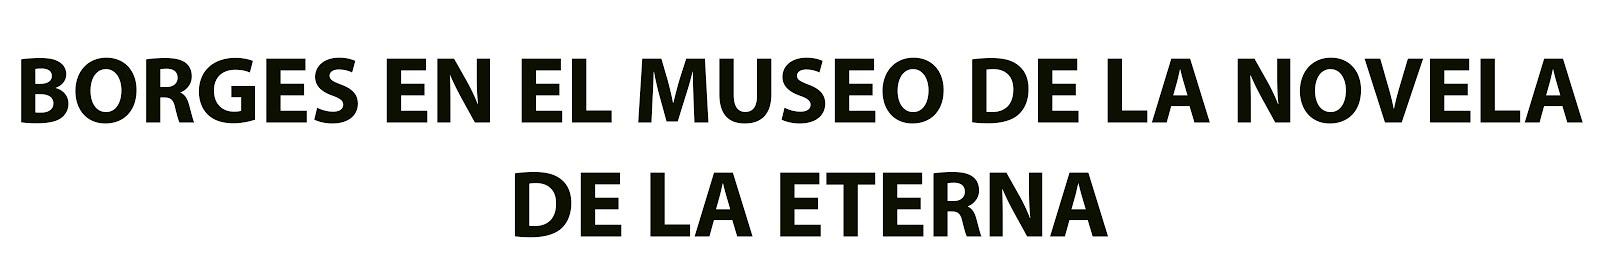 Borges en el Museo de la Novela de la Eterna